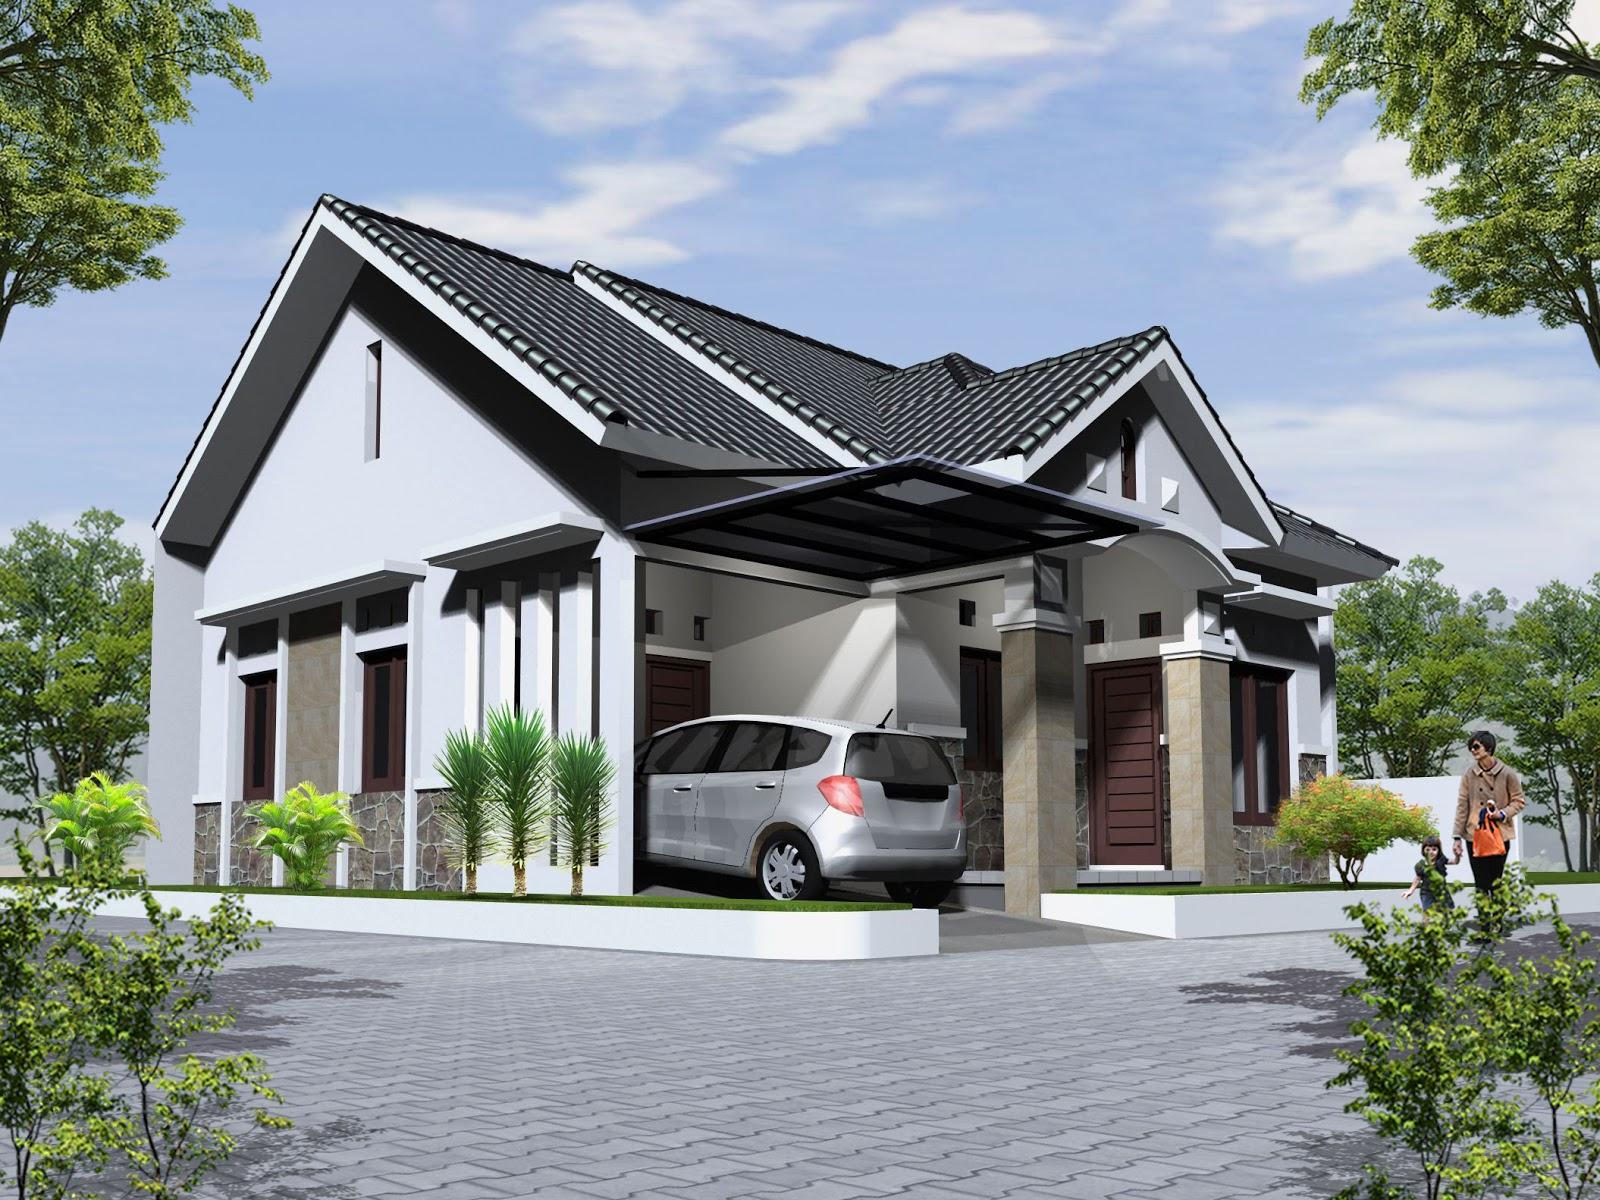 50 Desain Atap Rumah Minimalis Modern 1 Lantai Terbaru 2017 2018